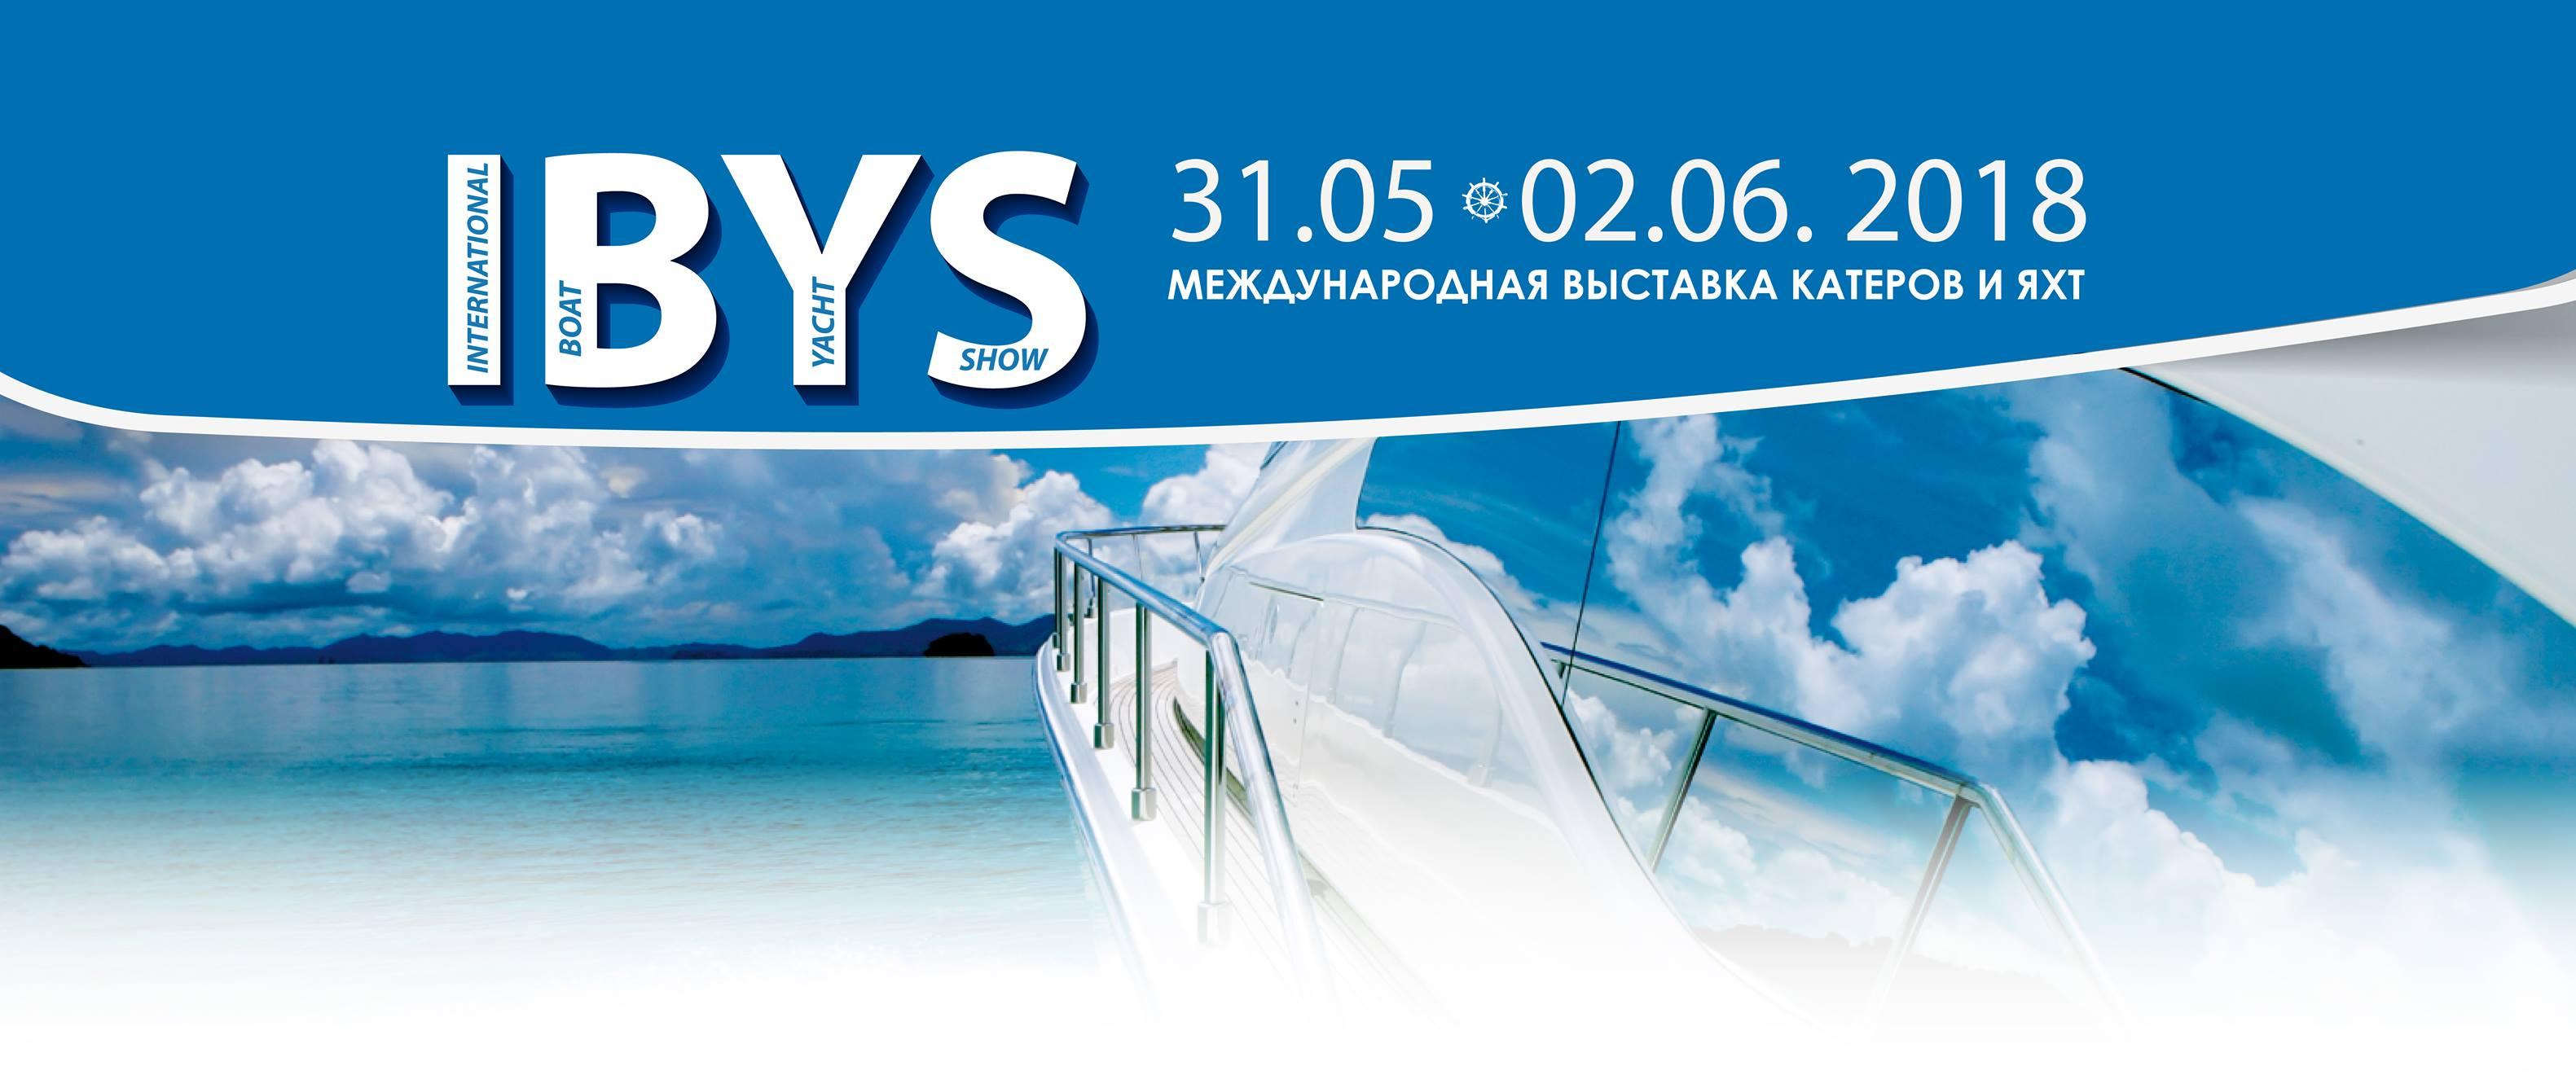 Специализированная демо-выставка катеров и яхт IBYS